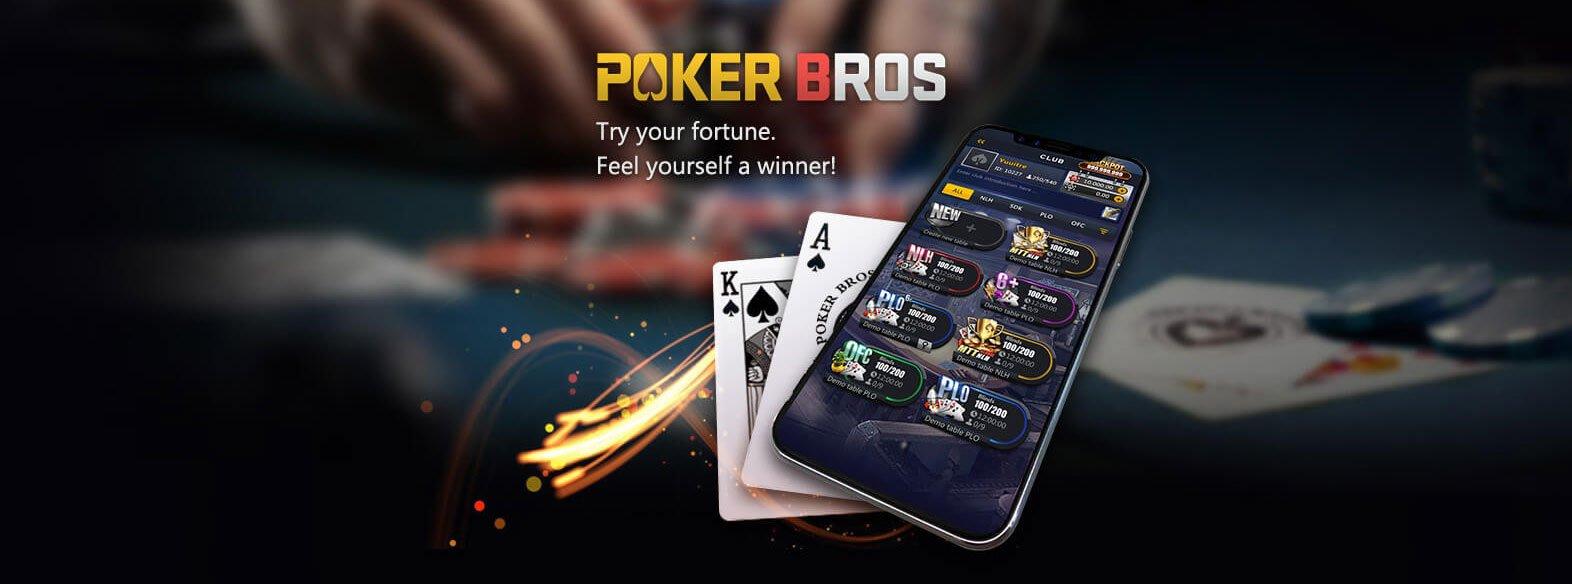 Pokerbros